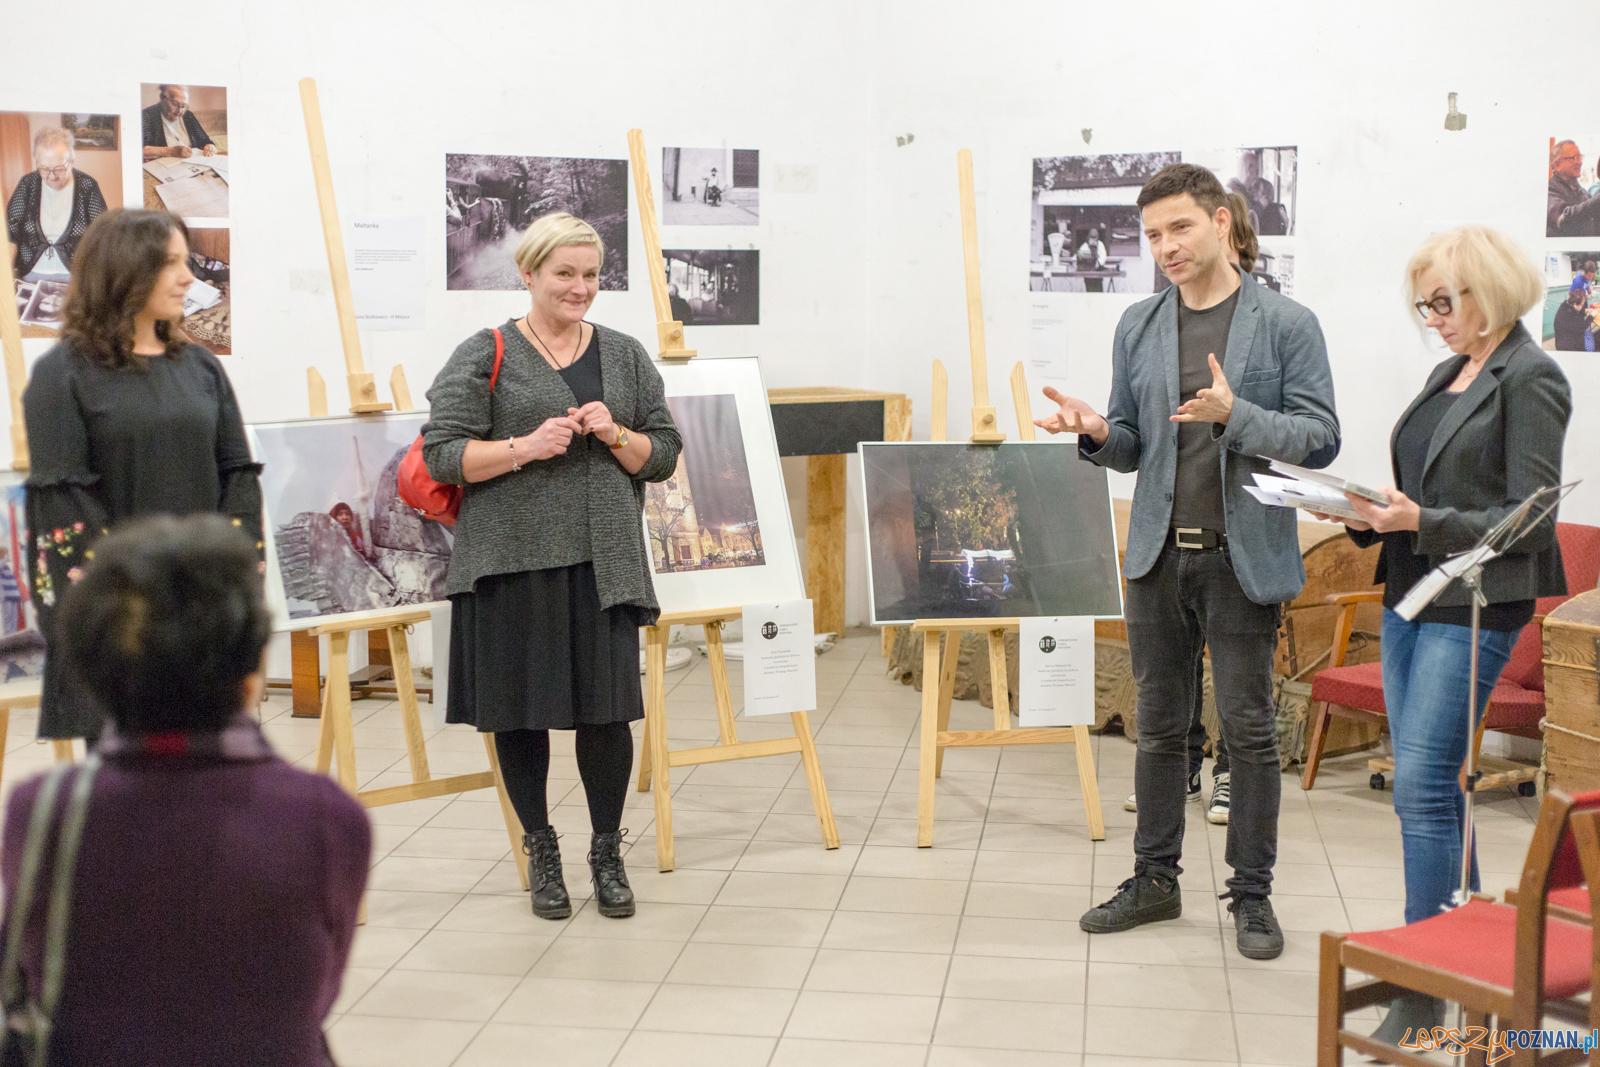 Imieniny Świętego Marcina - wernisaż wystawy  Foto: lepszyPOZNAN.pl/Piotr Rychter